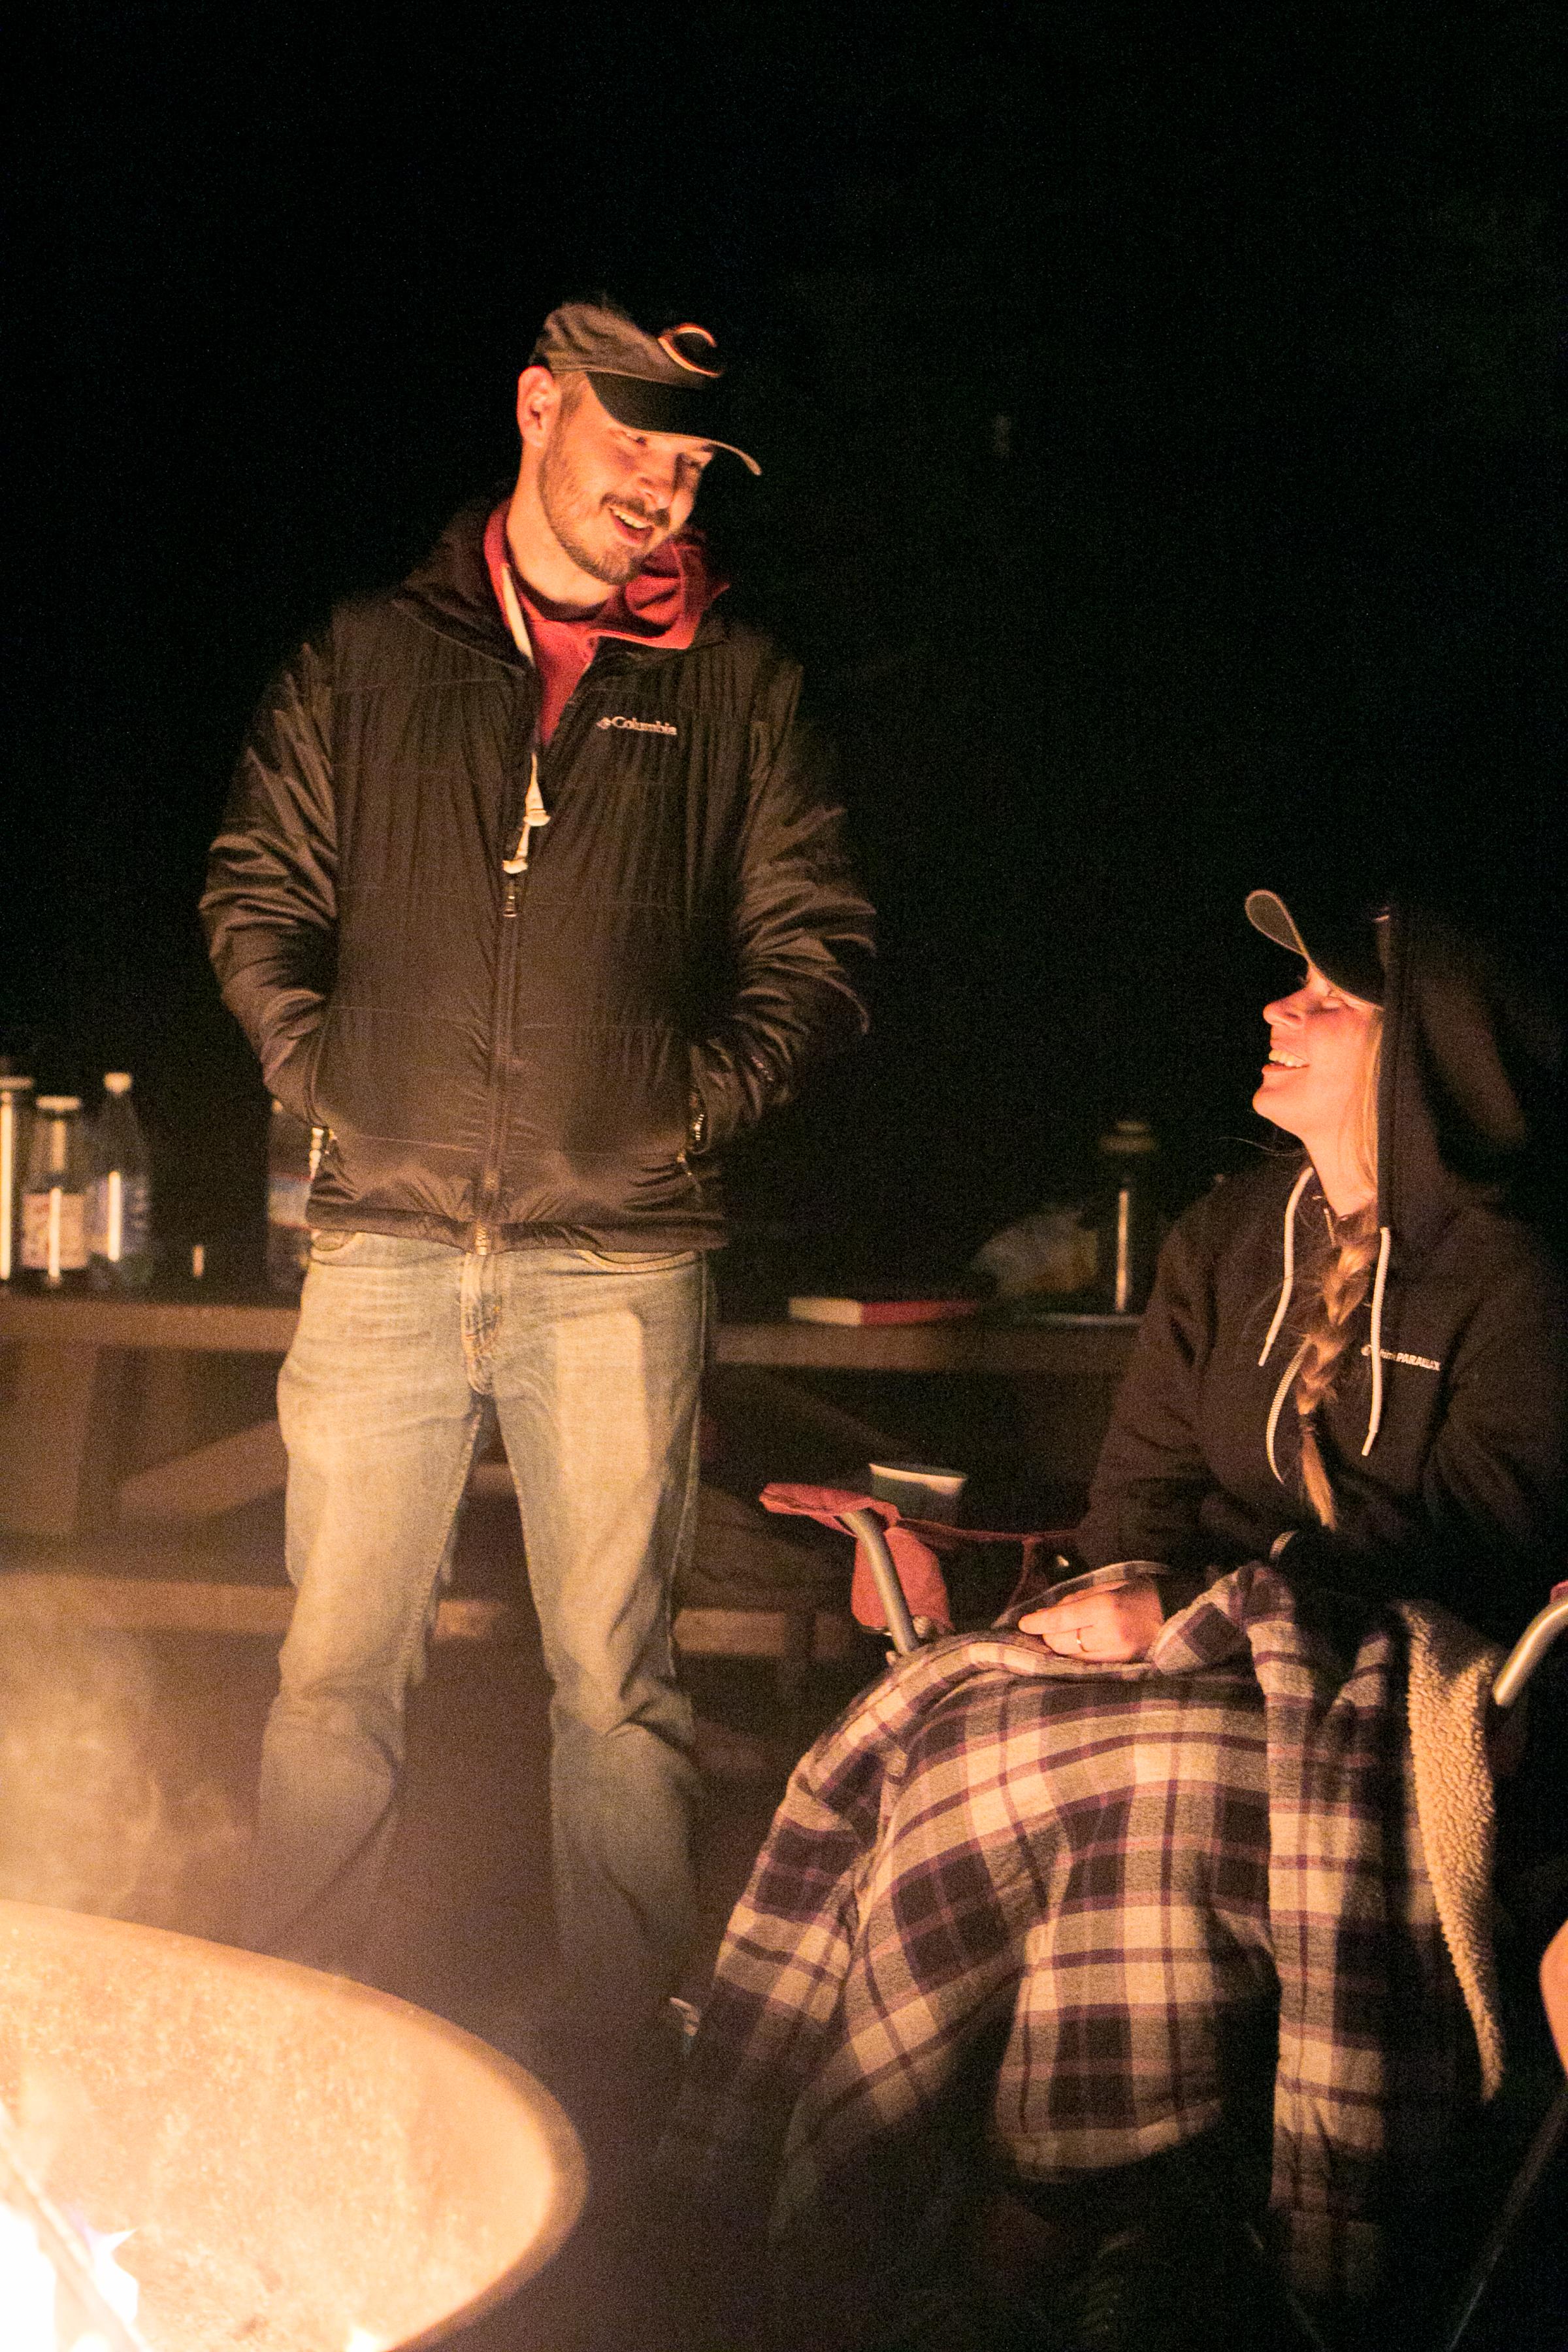 Big Bear_Lake_Camping_Trip_2017-45.jpg